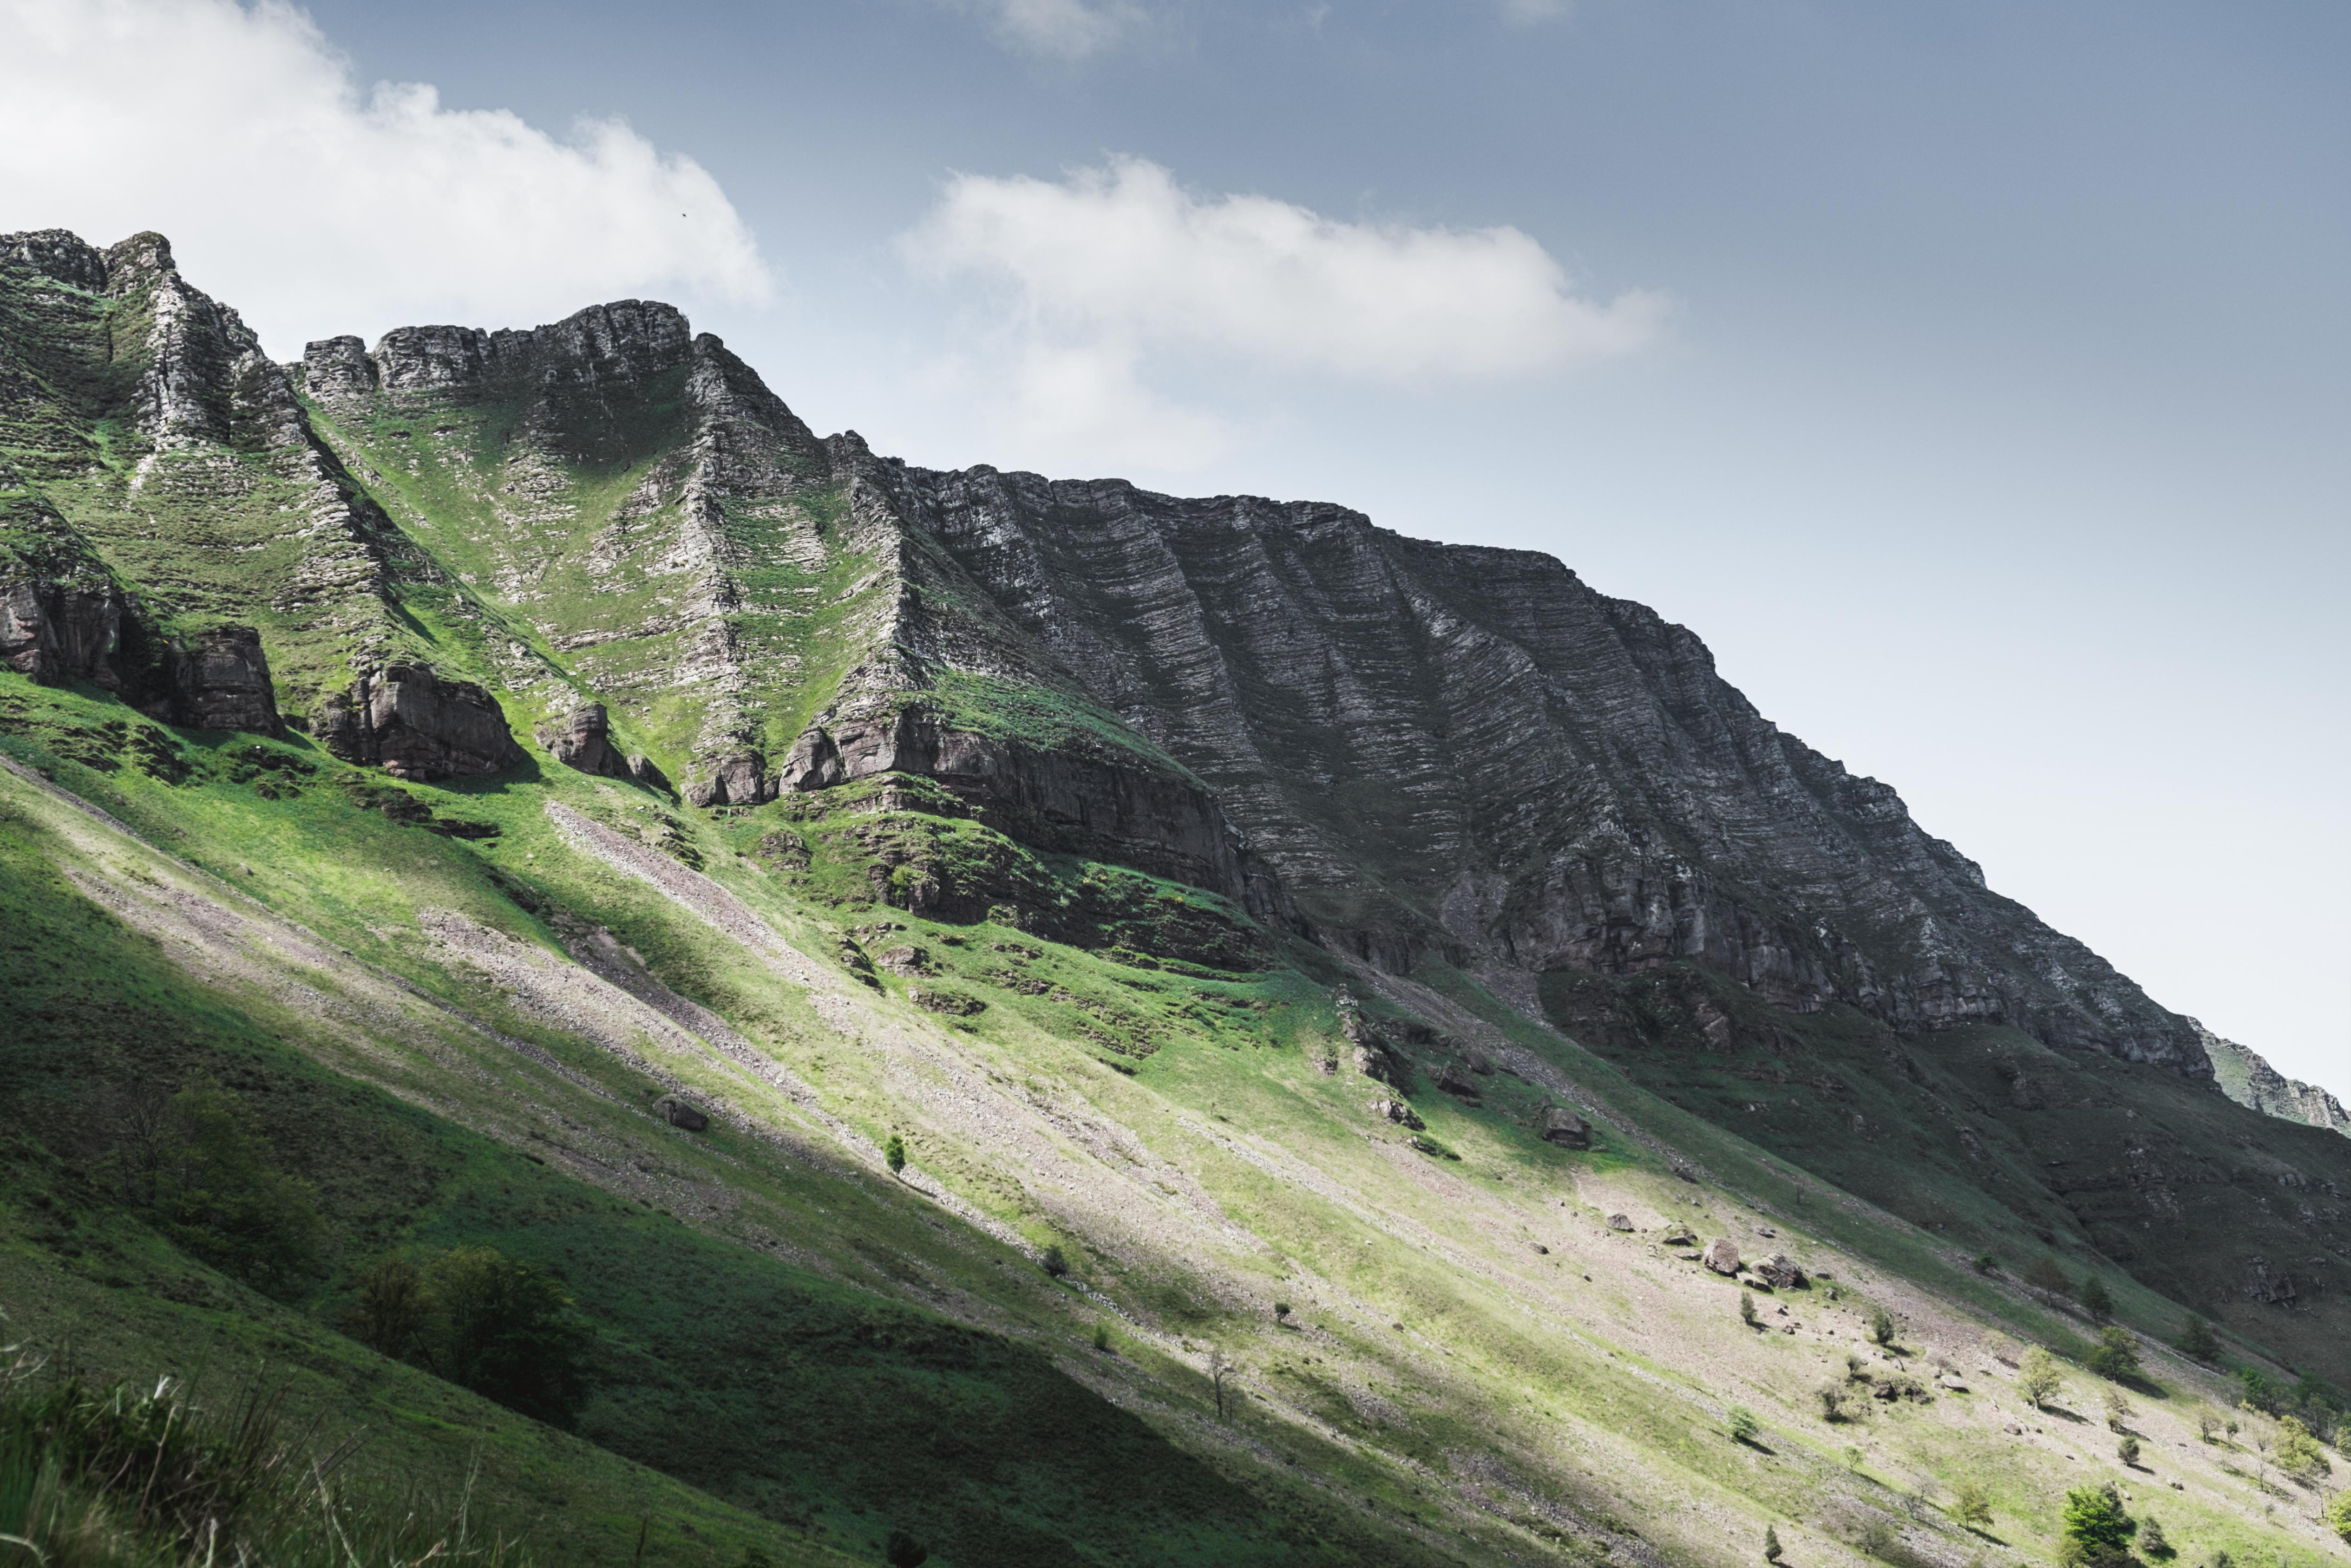 Randonnée au Pays Basque - Les crêtes d'Iparla-paysage-12